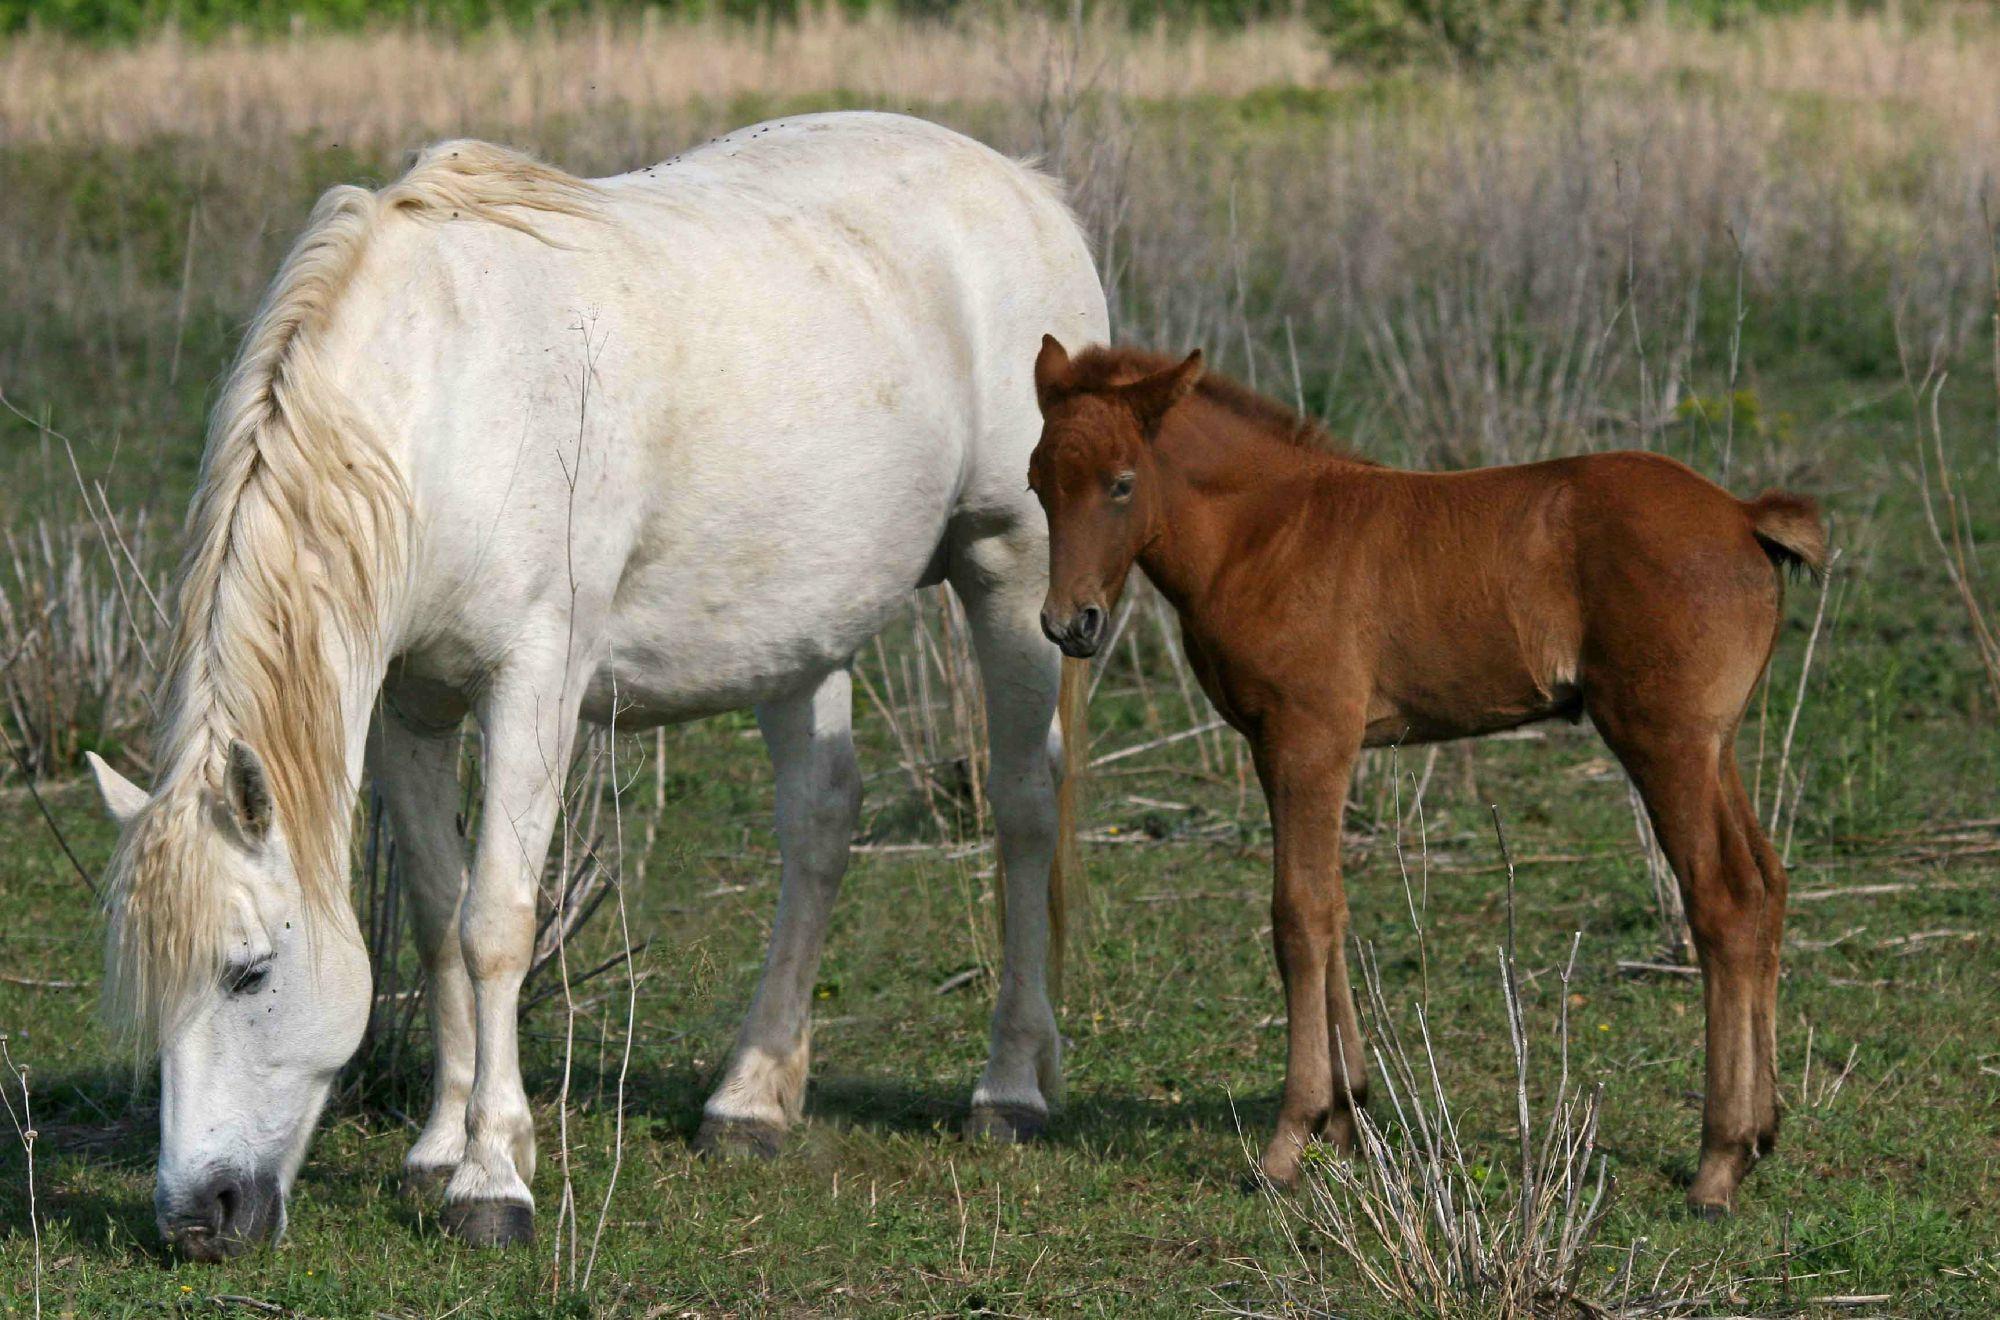 Elevage saint sauveur elevage chevaux de camargue domaine saint sauveur - Coloriage cheval et poulain ...